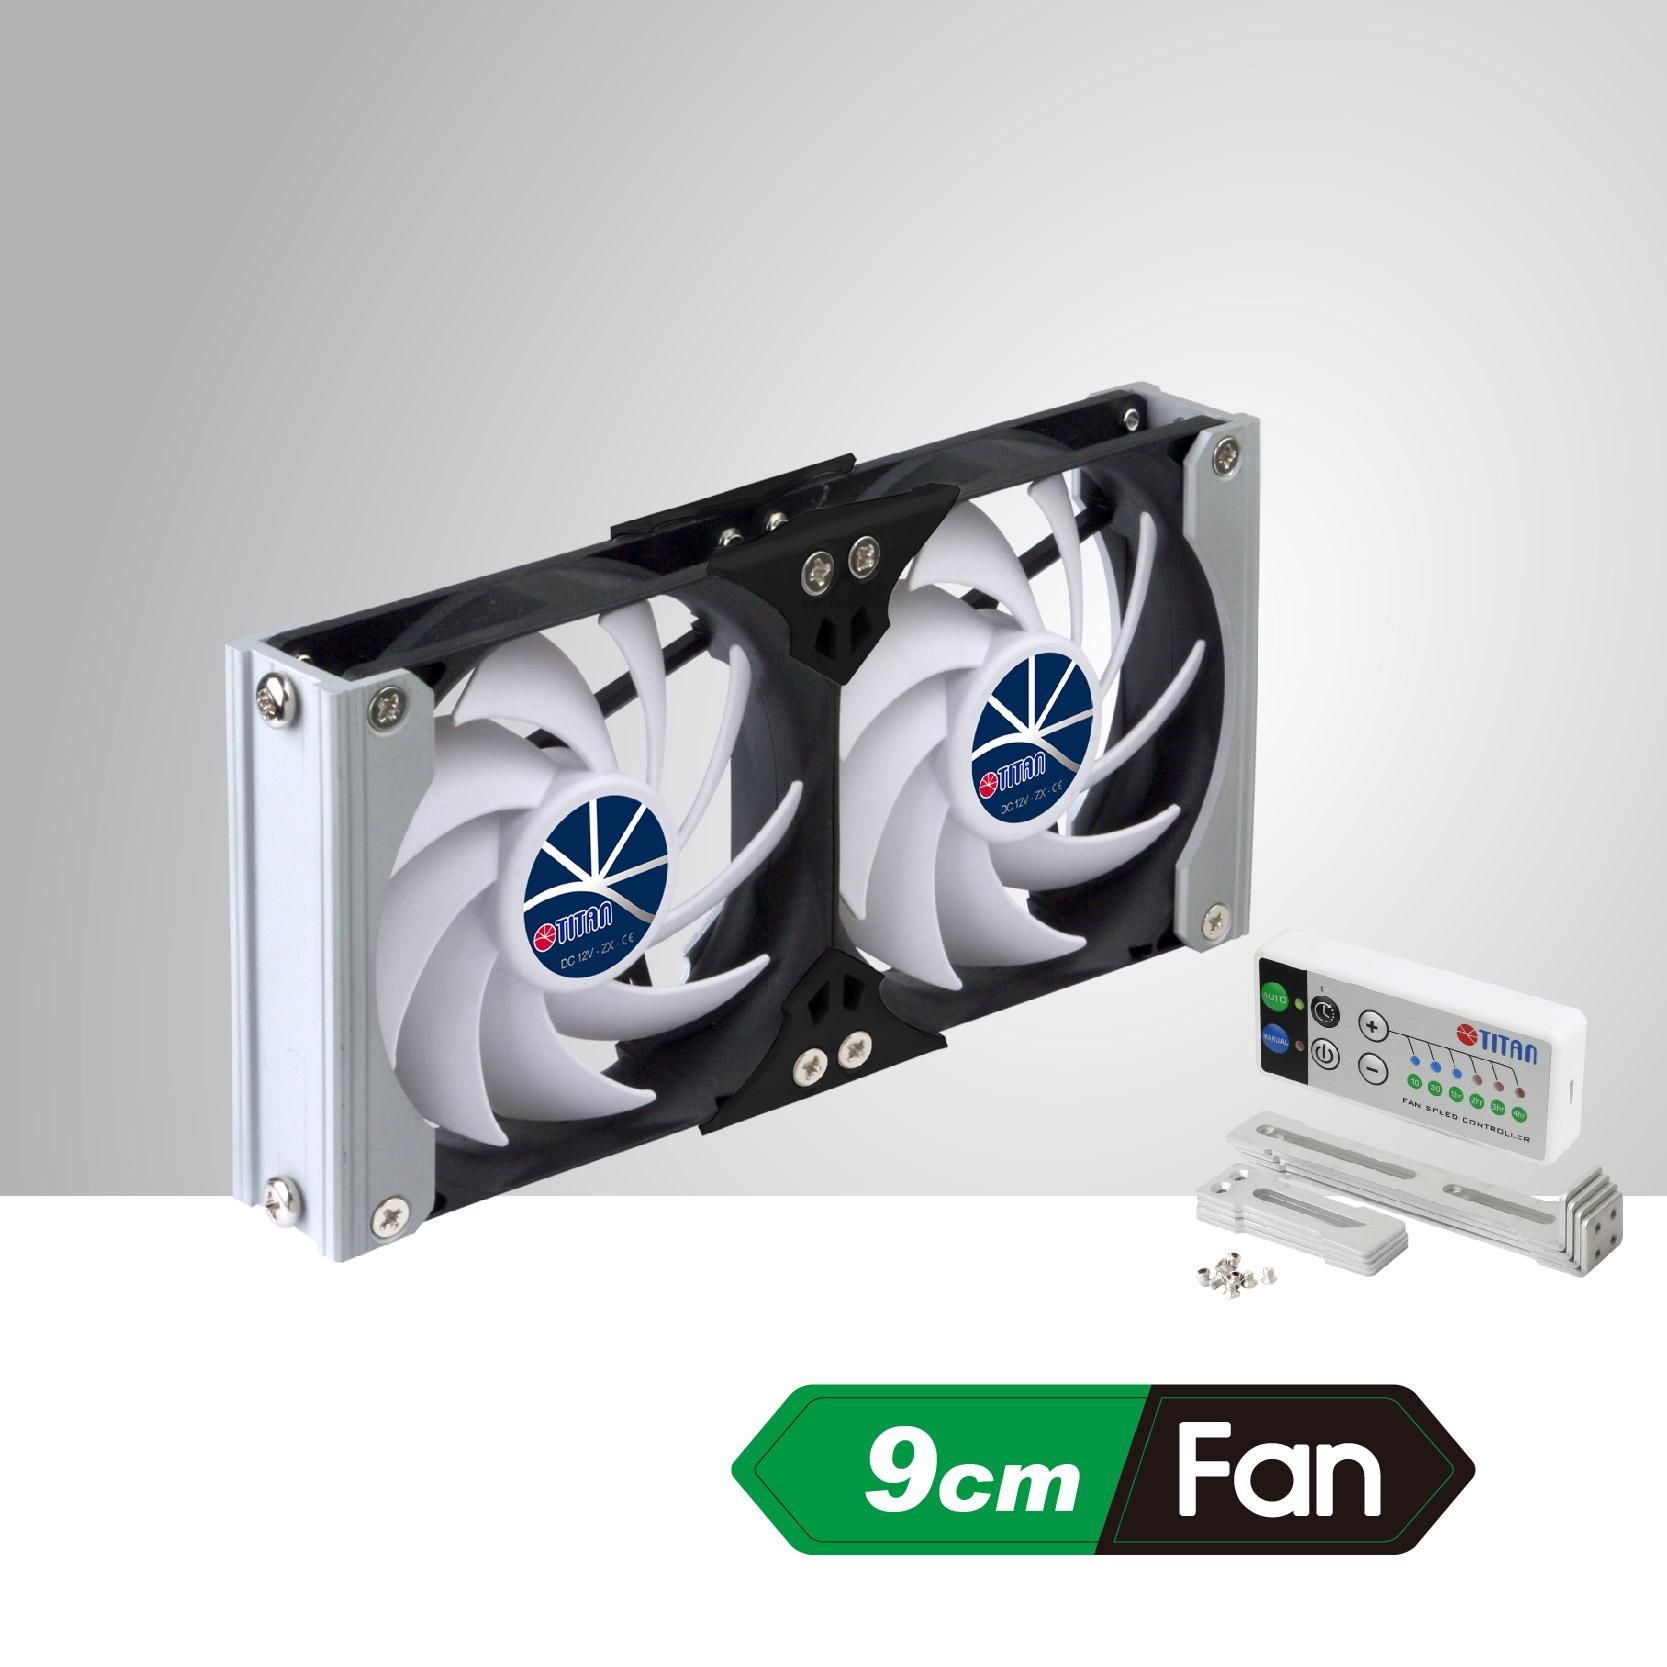 Rack Mount Cooling Fan Can Be Applied To Refrigerator Vent Fan In  Motorhome, Camper Van, Caravan, Travel Trailer, Or Be Audio/Vedio Cabinet  Fan, ...